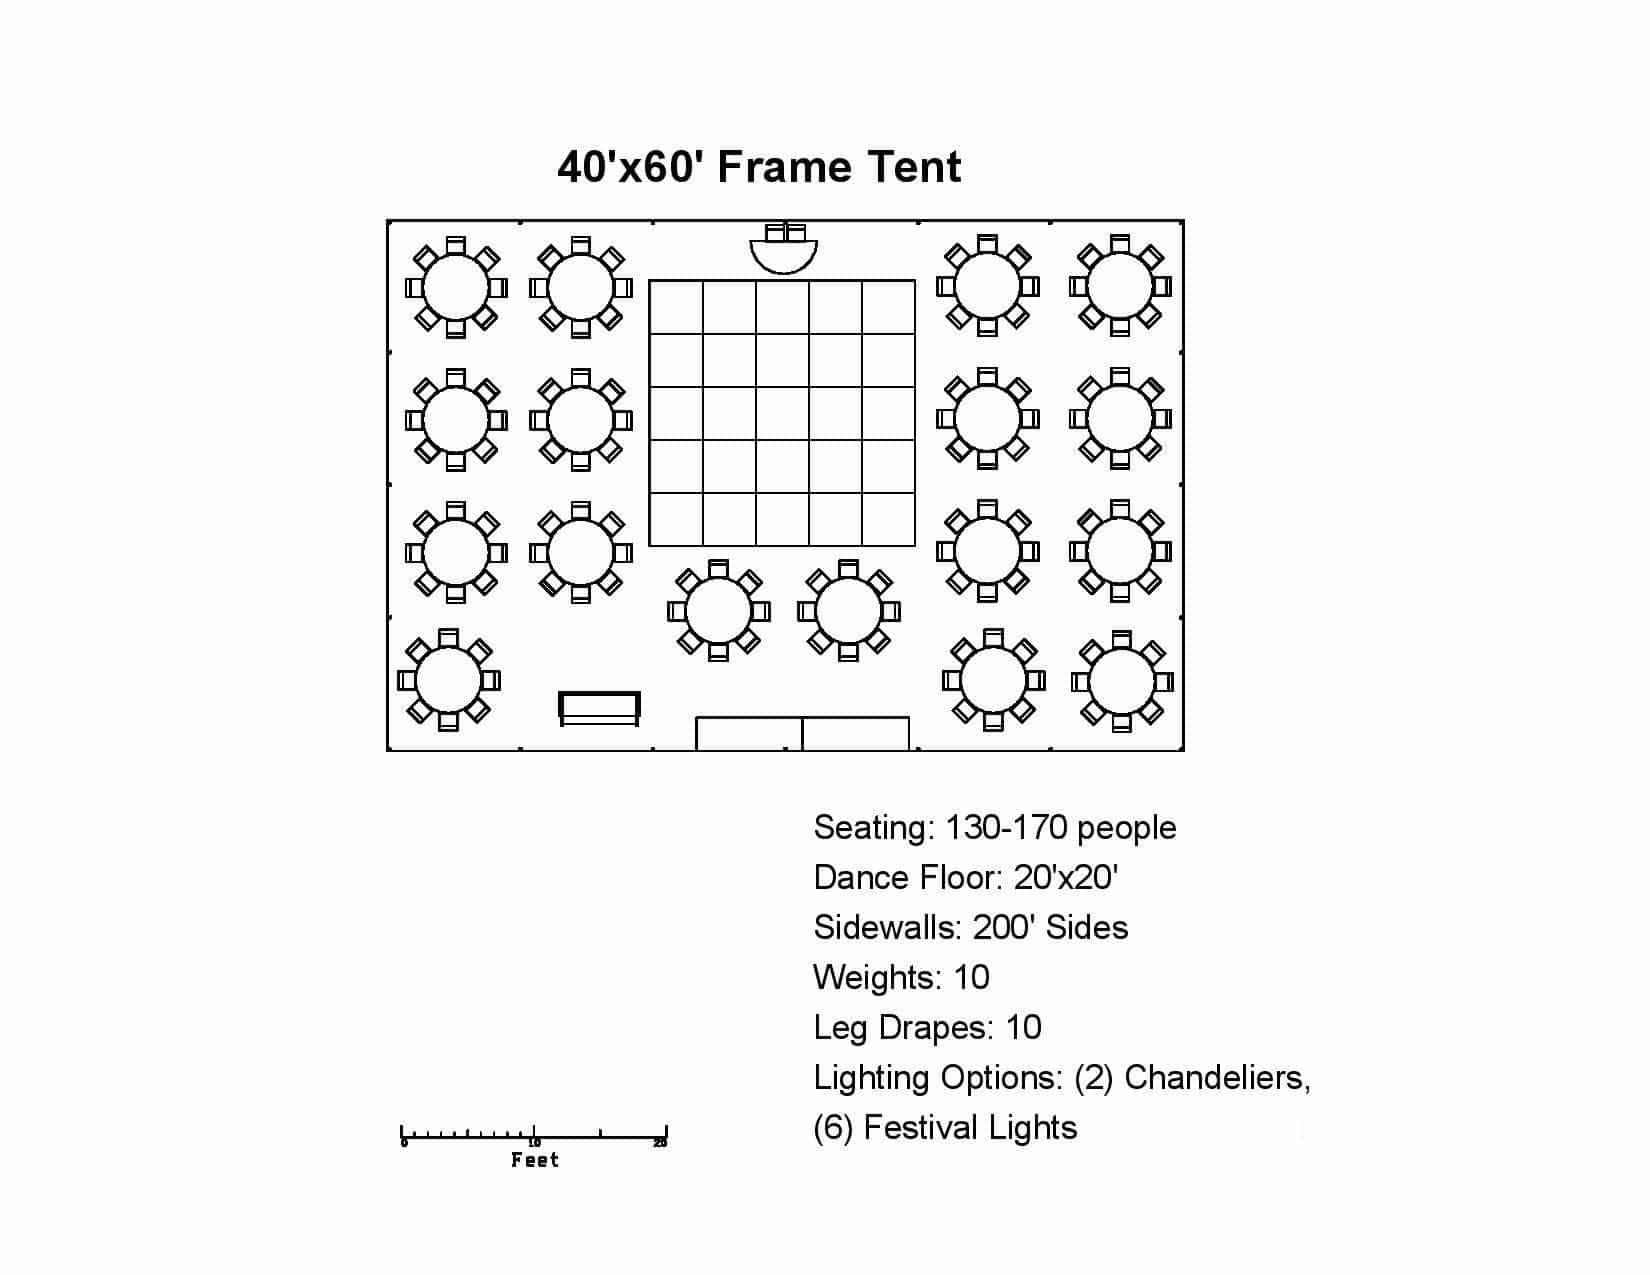 diagram-40x60